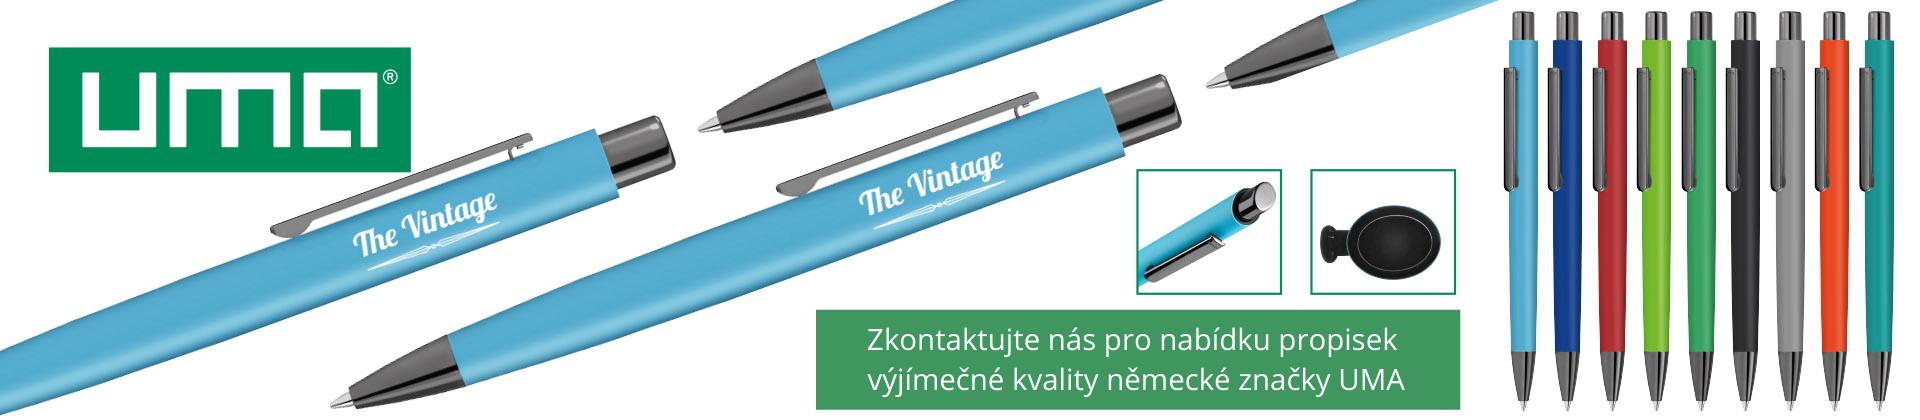 Zkontaktujte nás pro nabídku propisek výjímečné kvality německé značky UMA.png